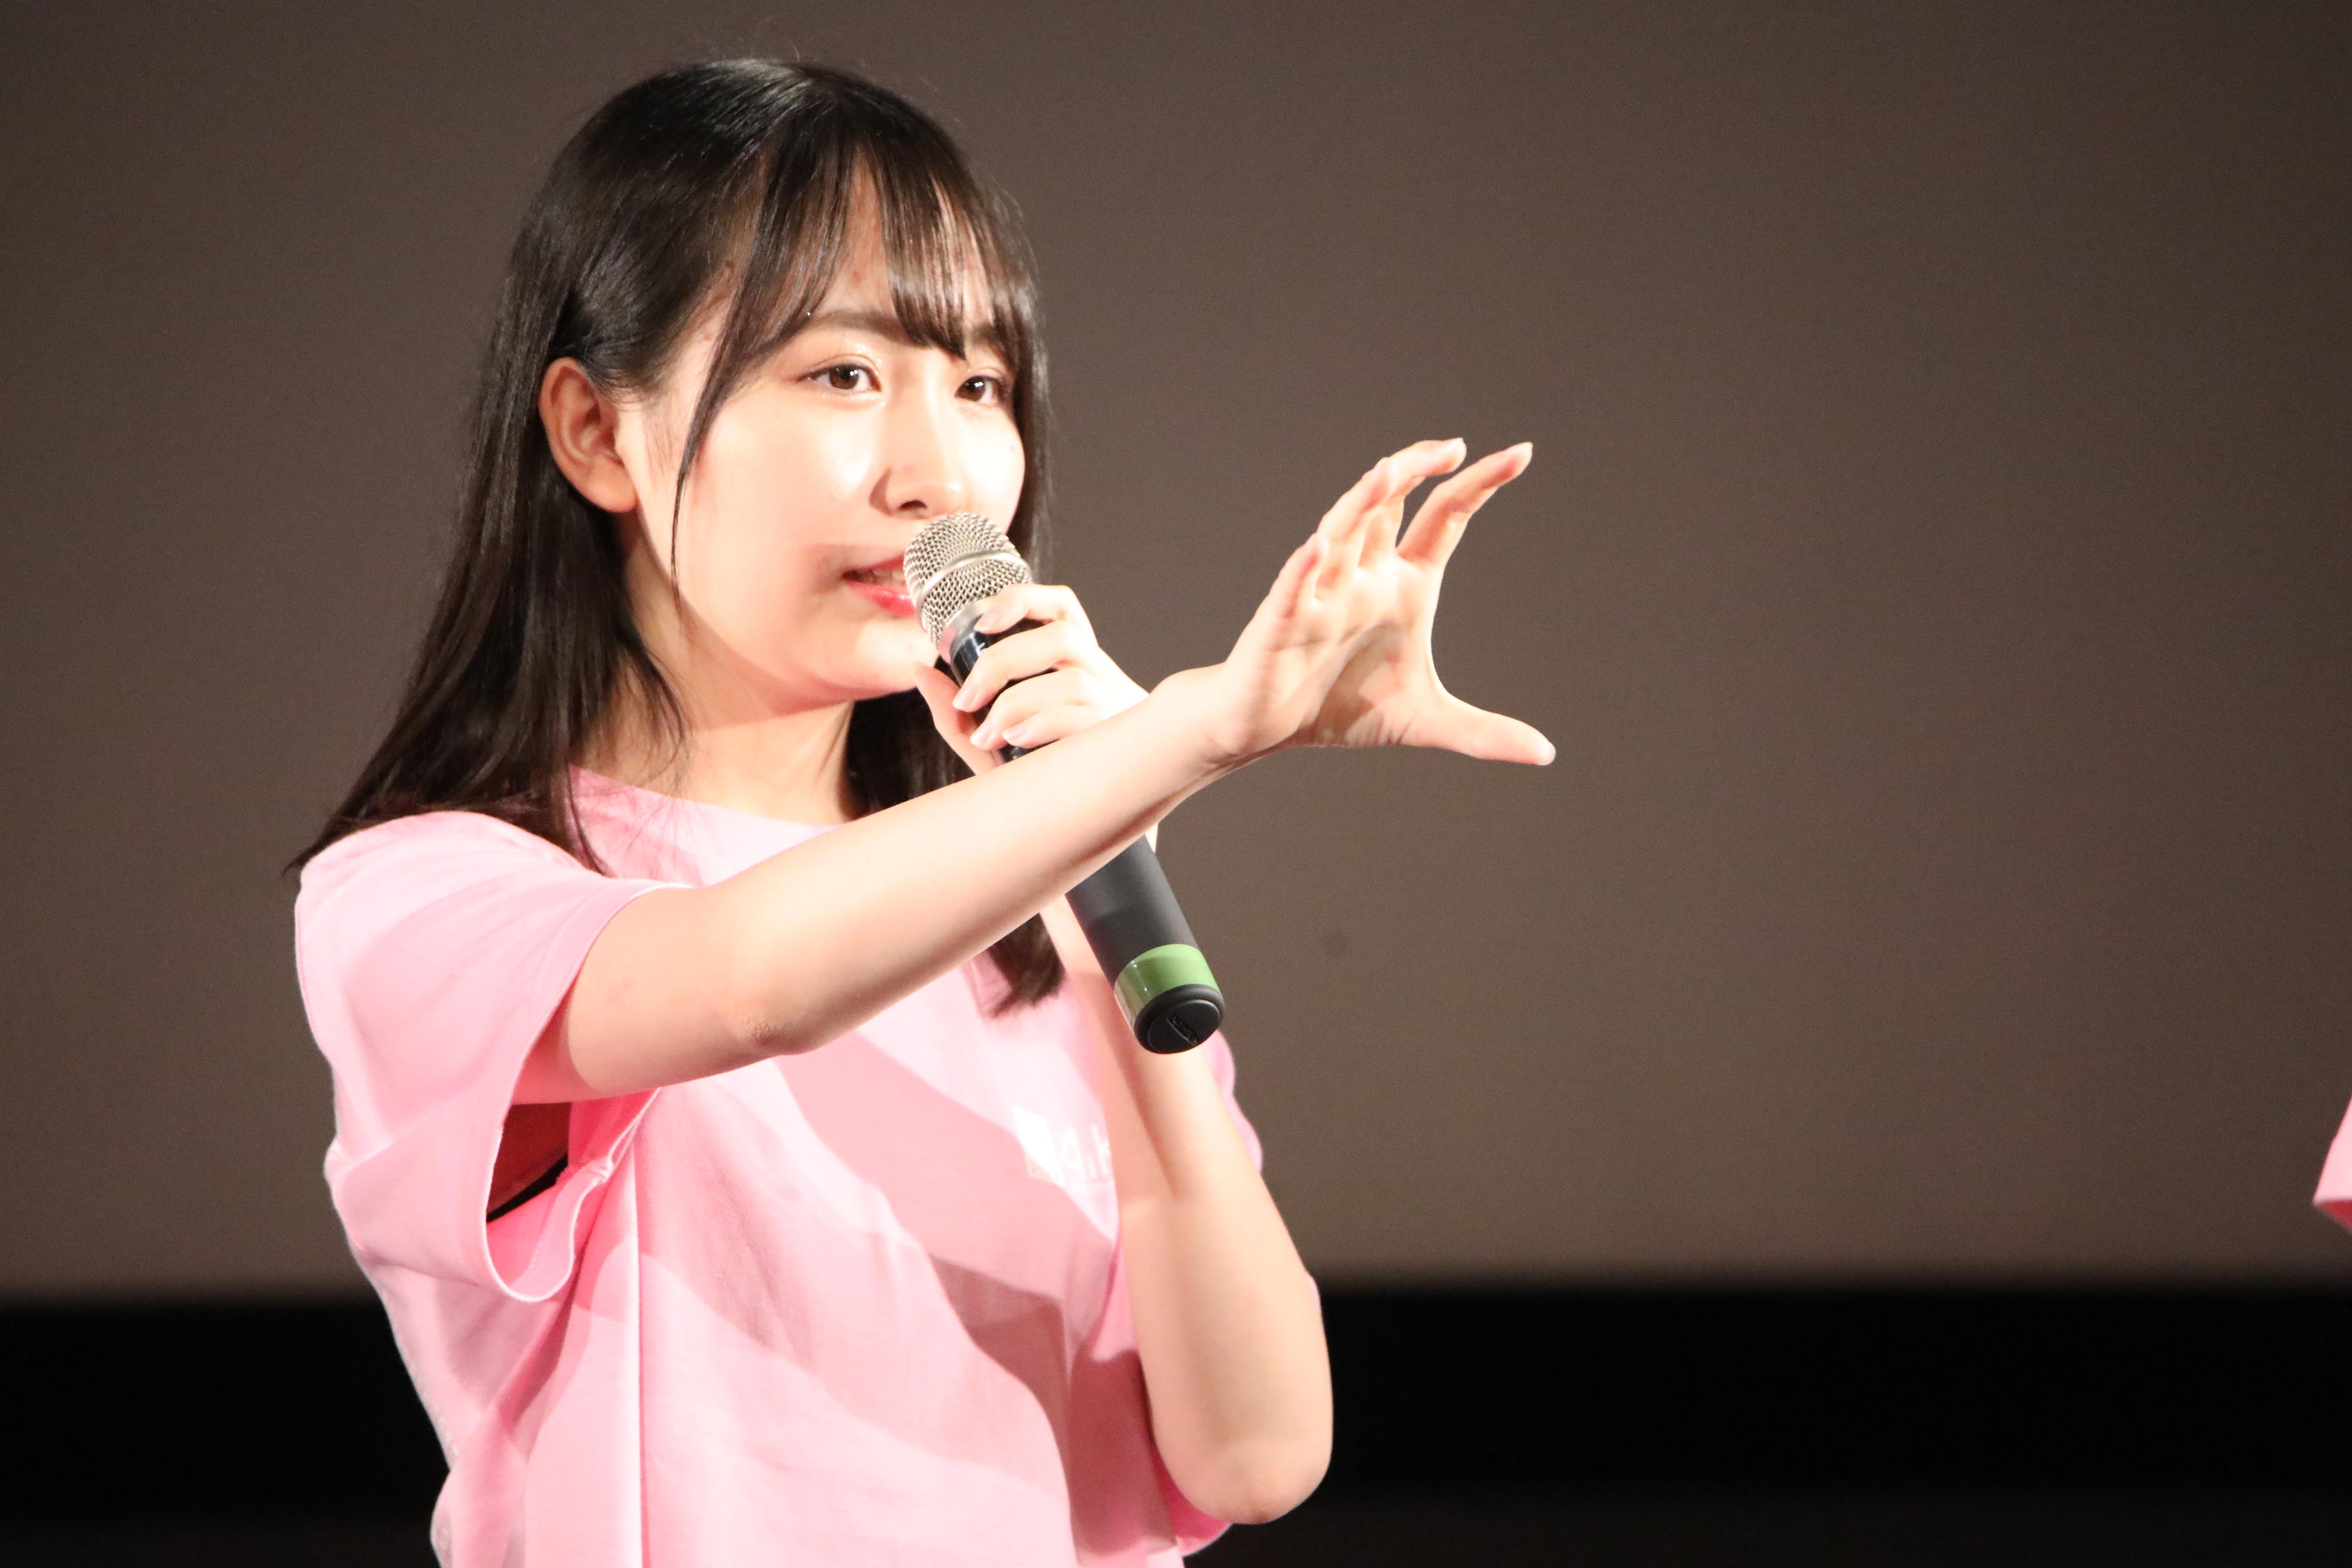 やまべデザイン株式会社:山邊歩夢社長(AKB48)